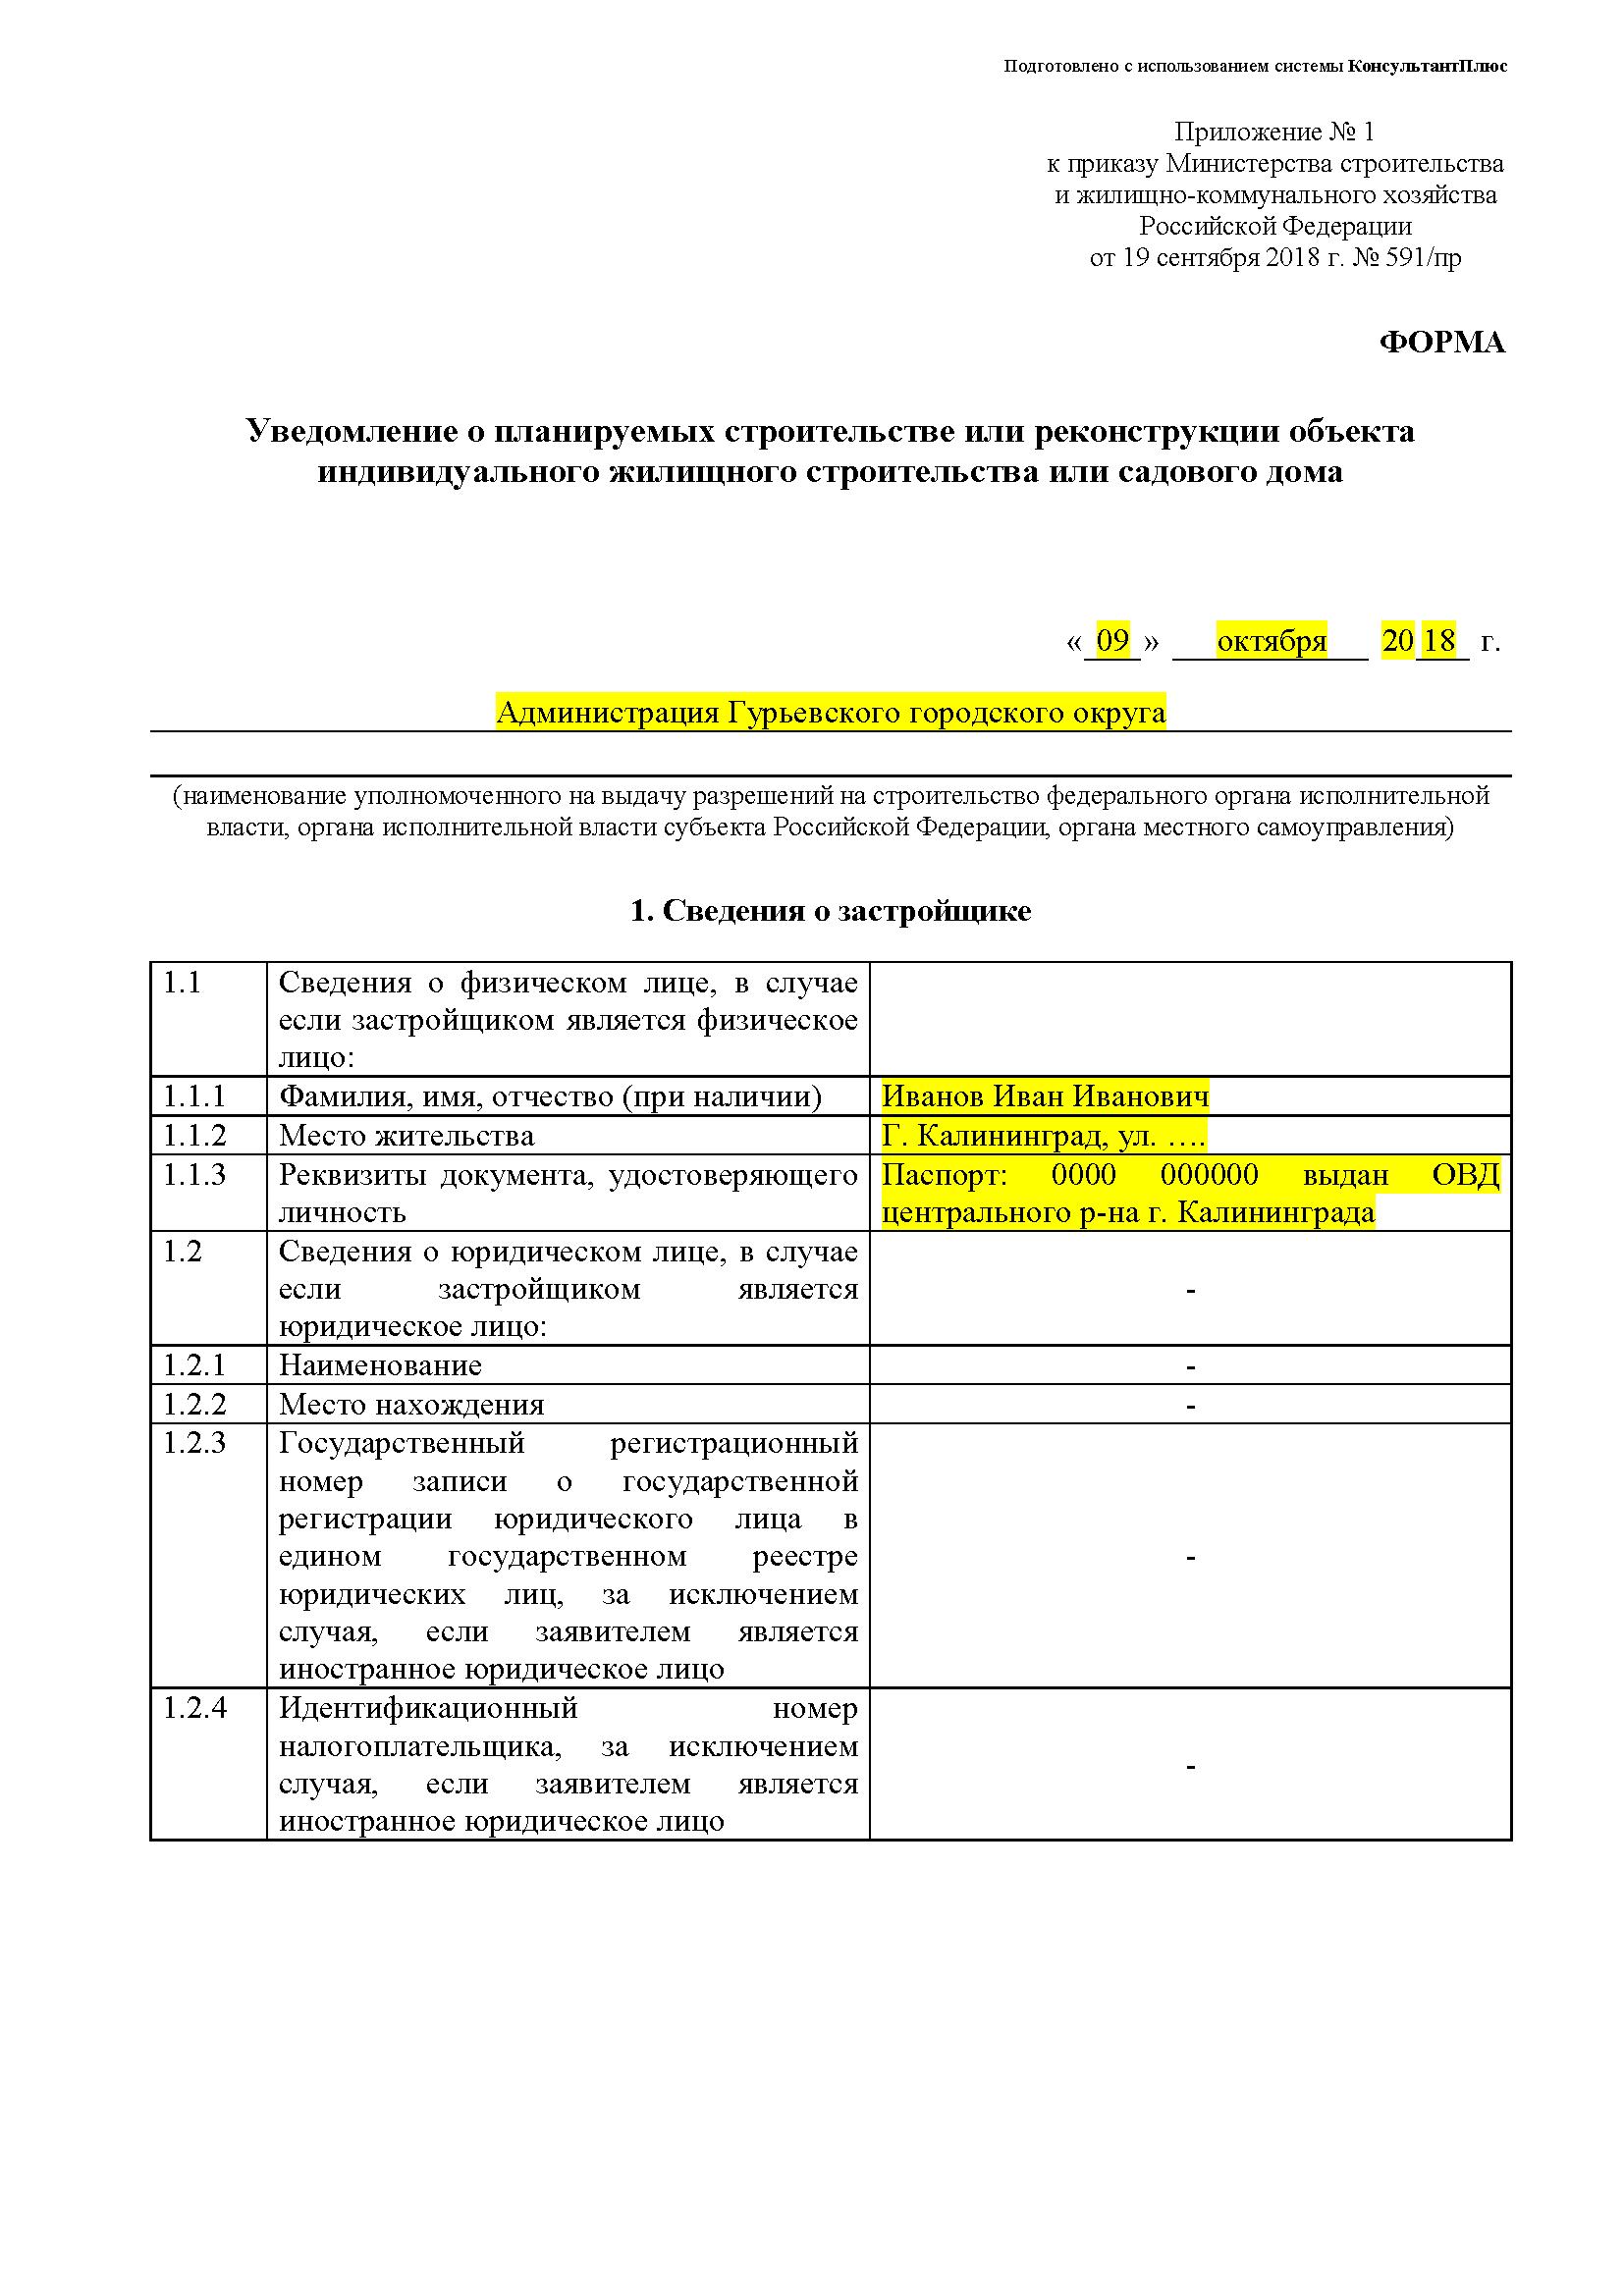 Уведомление об окончании строительства или реконструкции: образец заполнения, порядок подачи, регистрация права собственности на дом